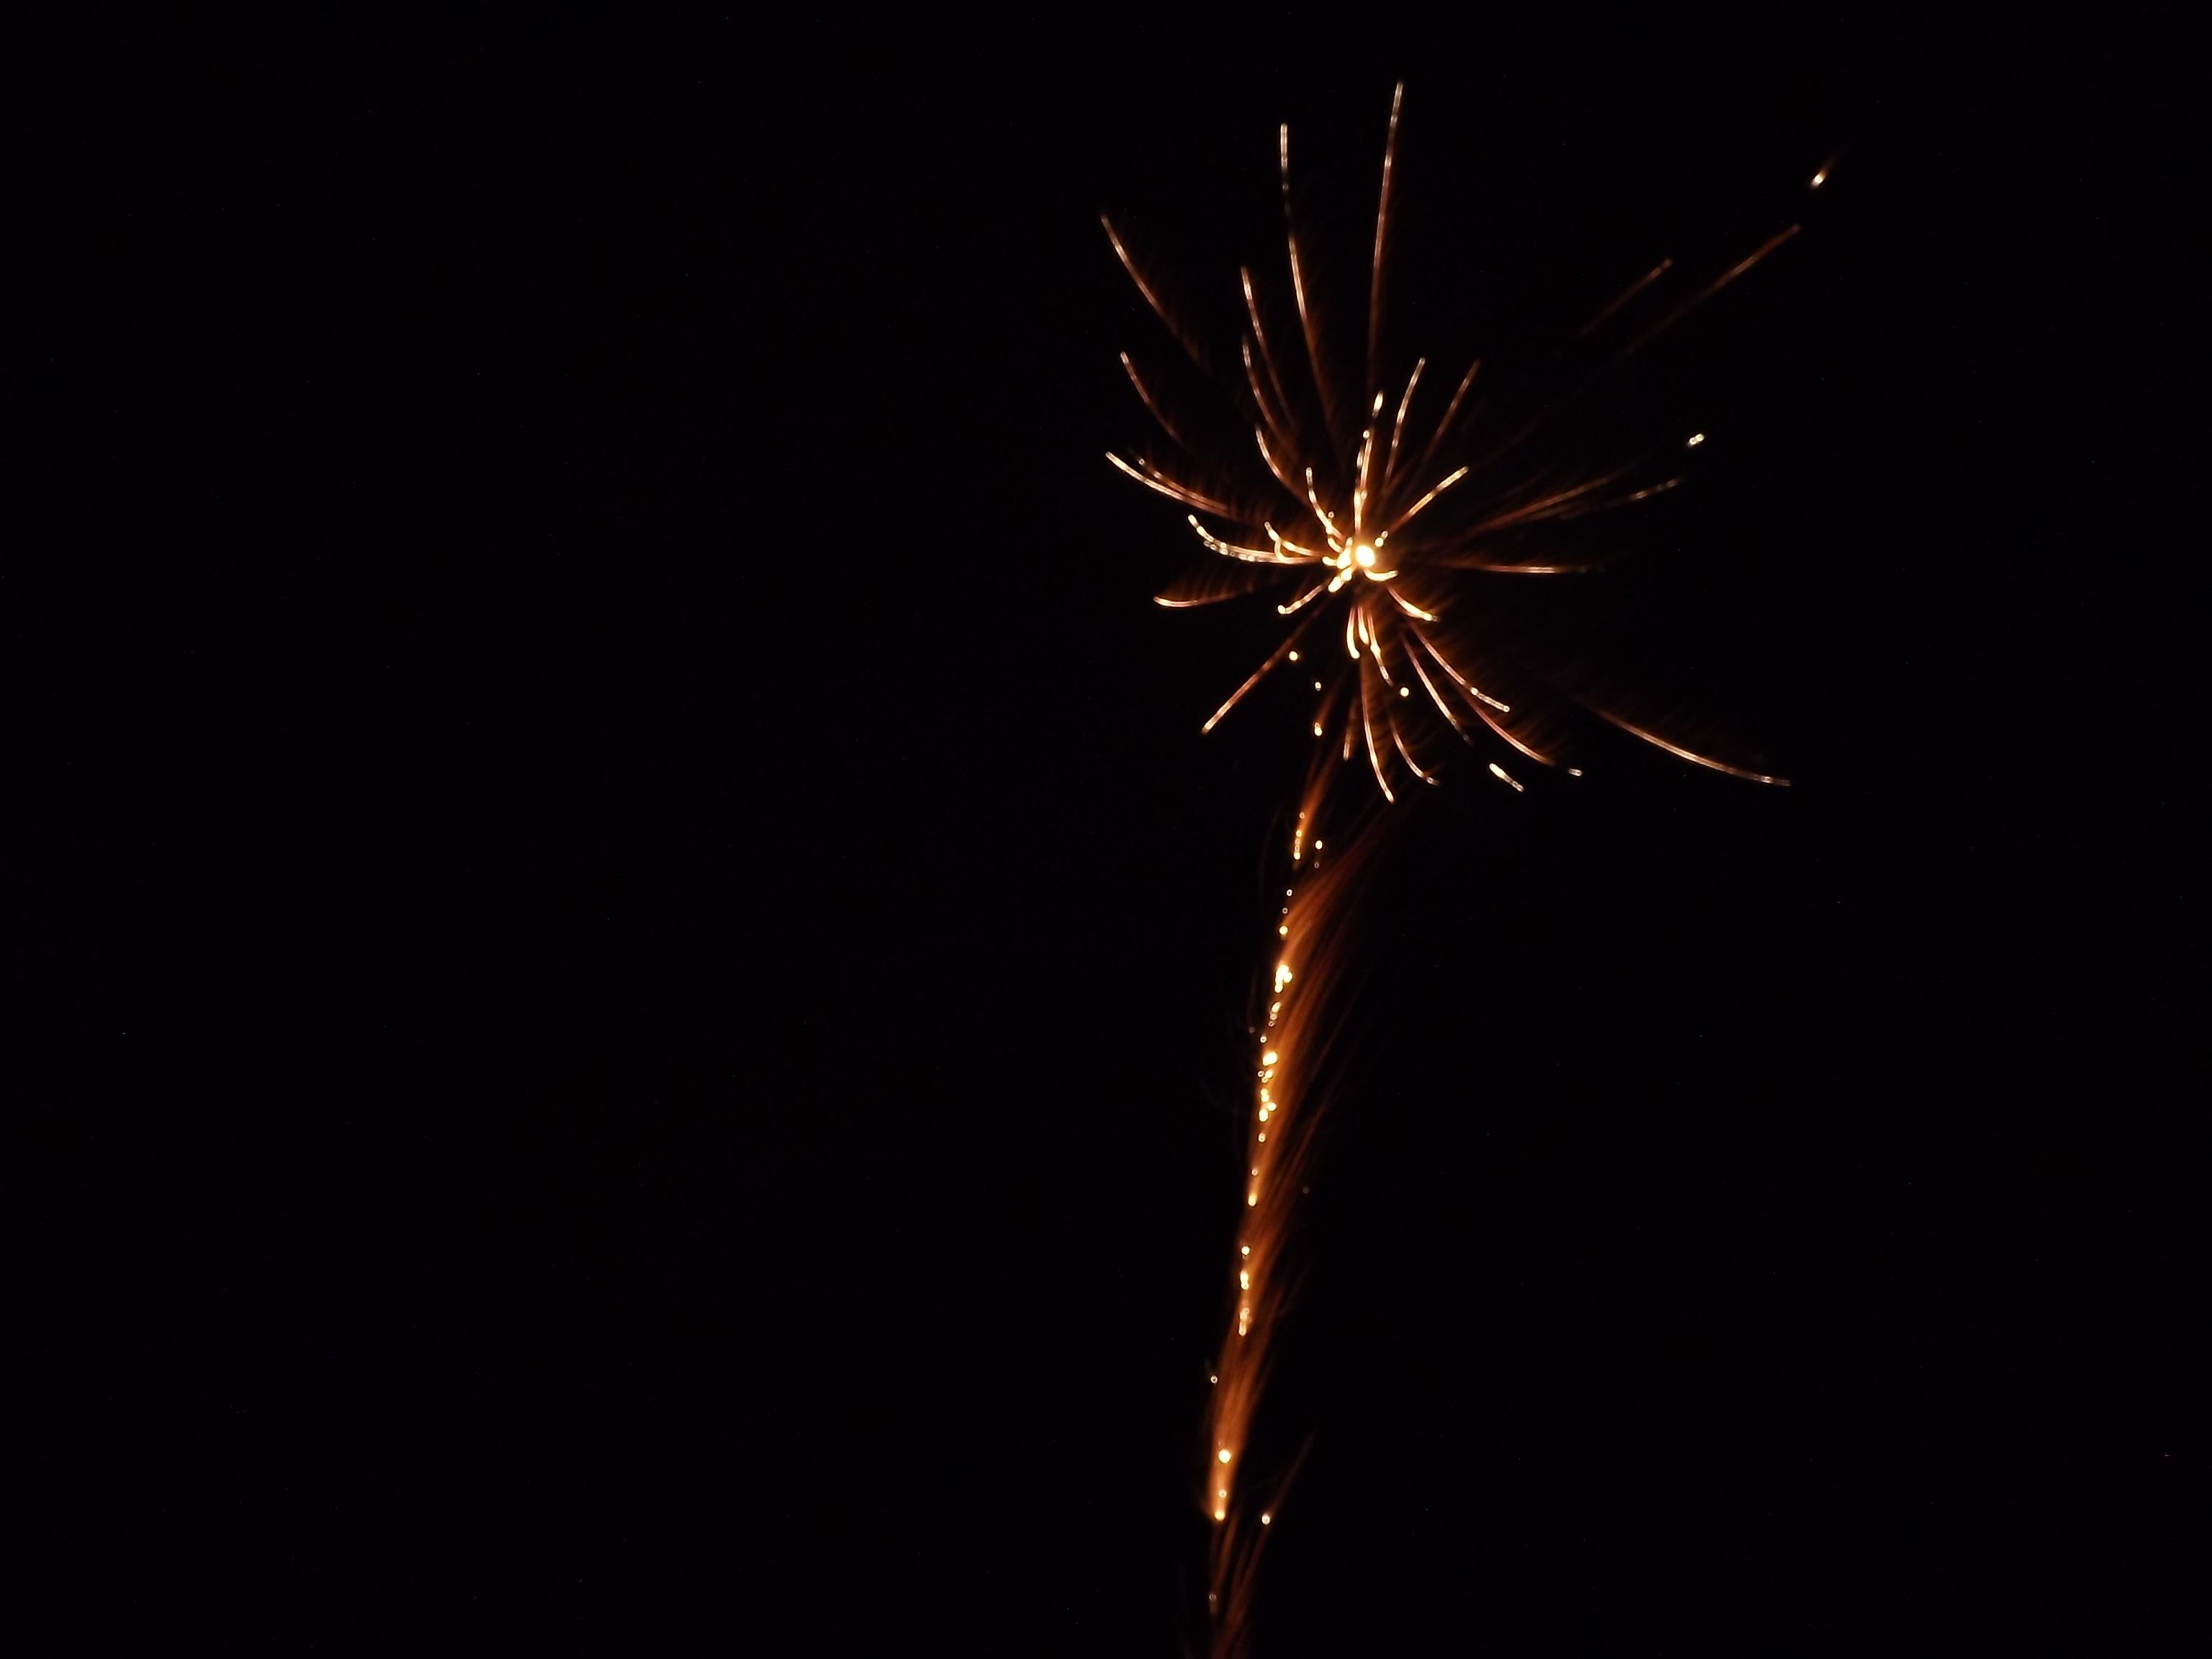 6780-feuerwerk-silvester-neujahr-explosion